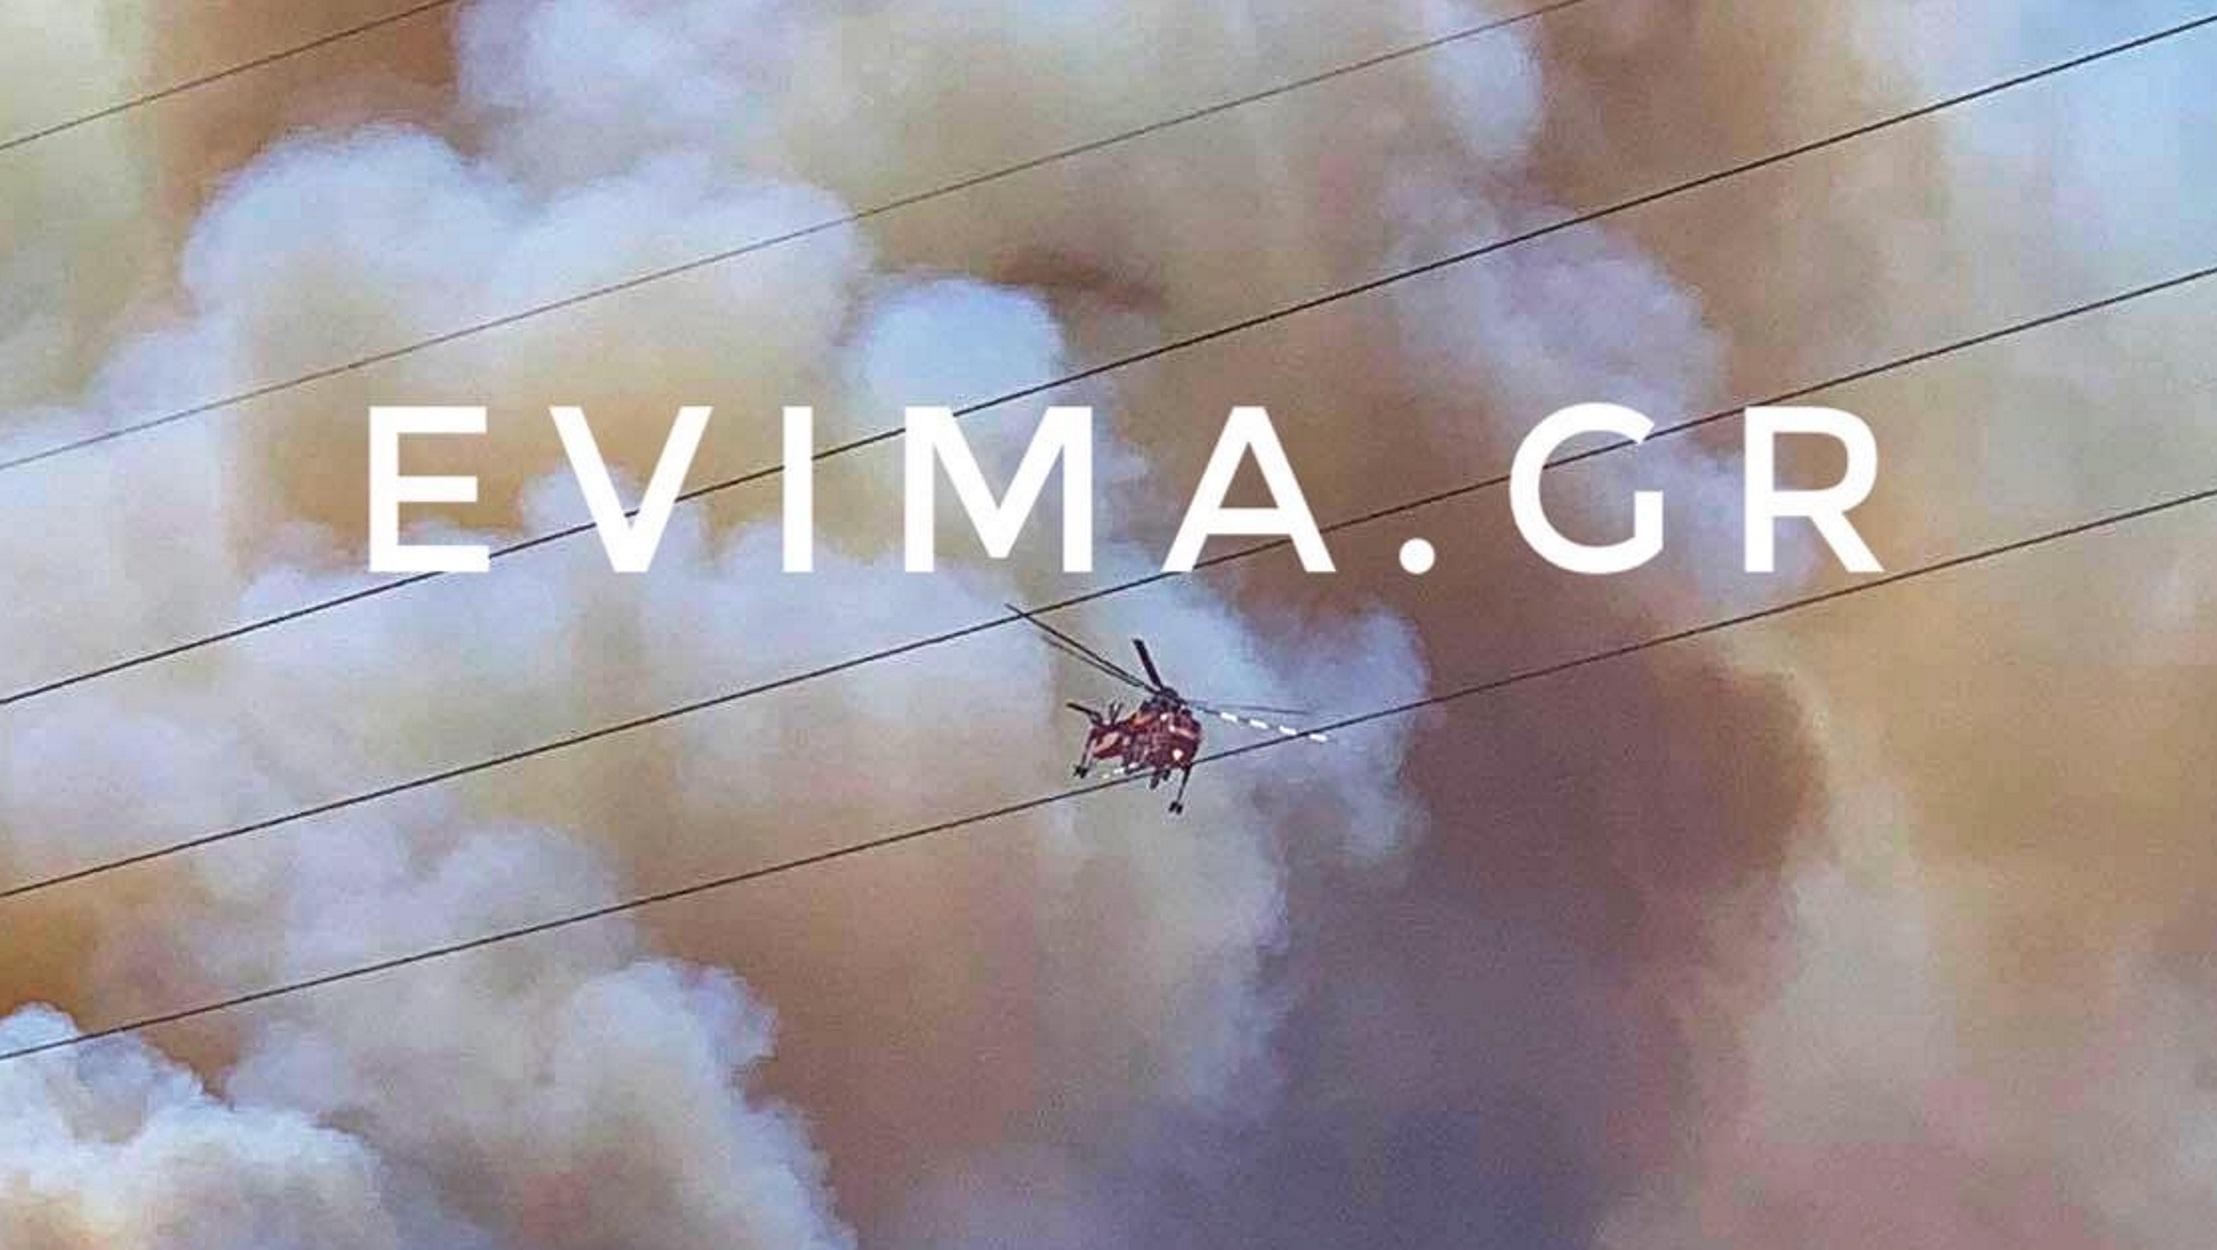 """Κάρυστος: Μάχη με φλόγες και μποφόρ – """"Πολιόρκησε"""" σπίτια η φωτιά (pics, video)"""